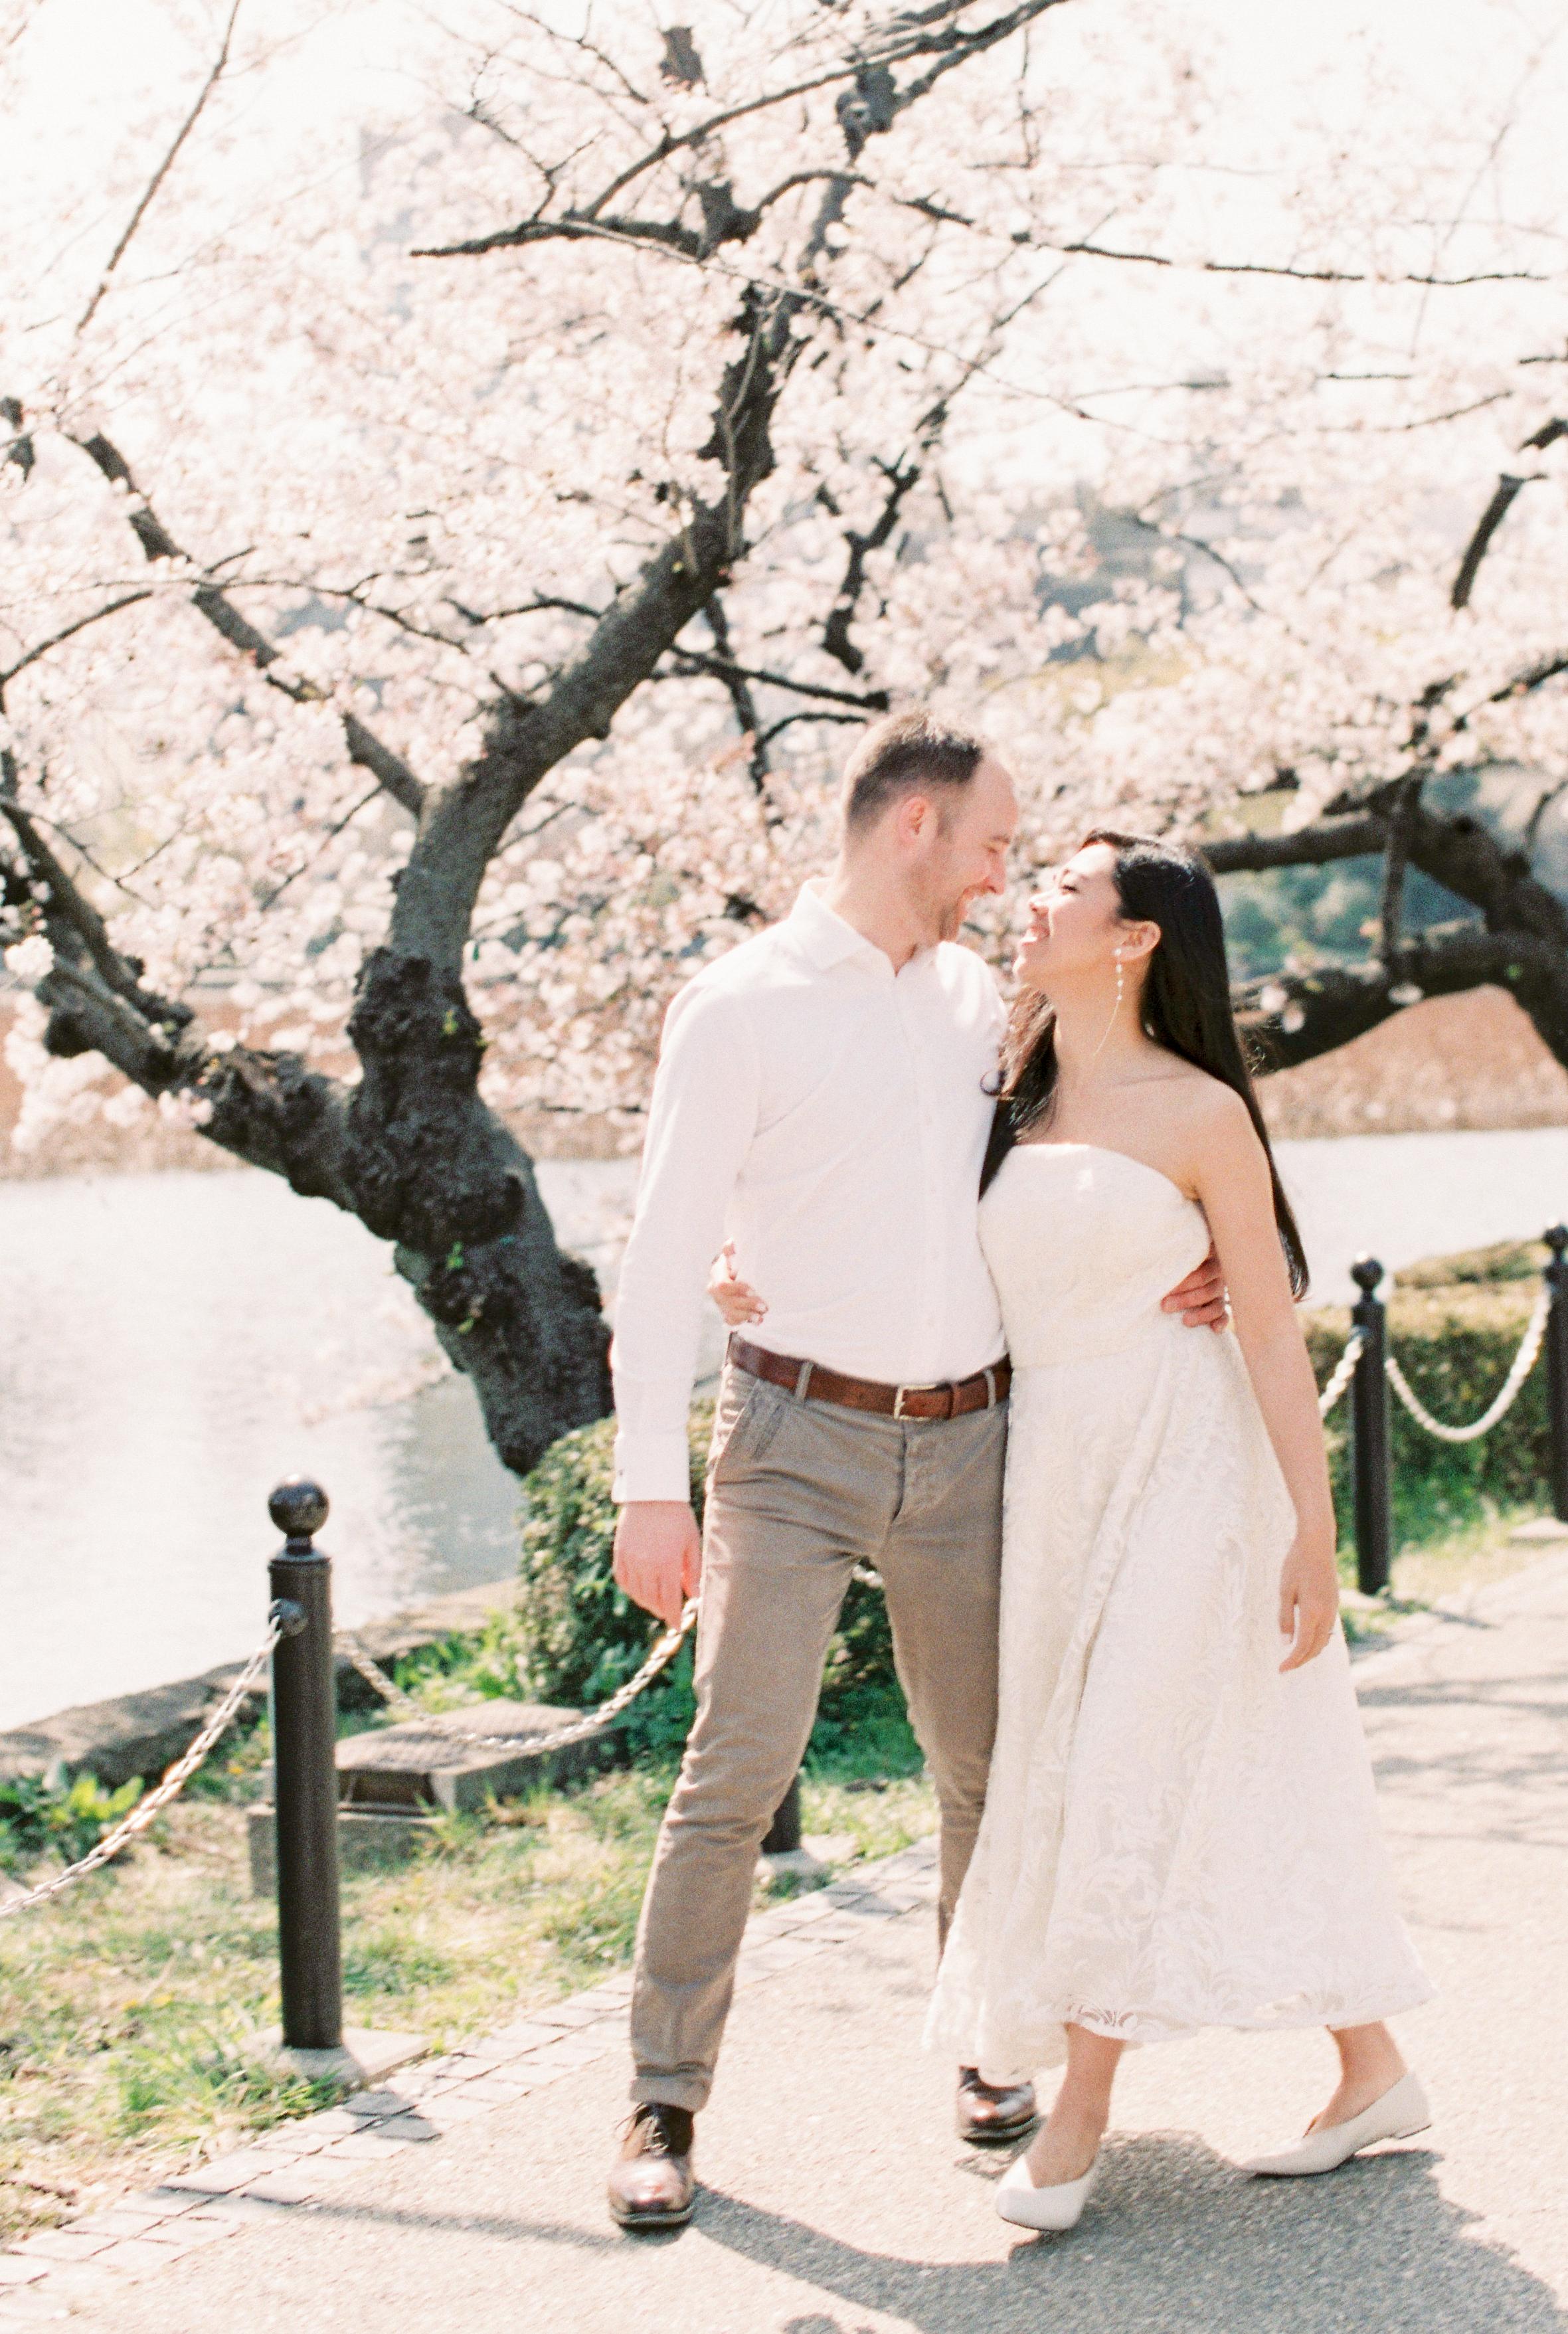 C & T ~ Fleur de Cerisier à Tokyo, Japon